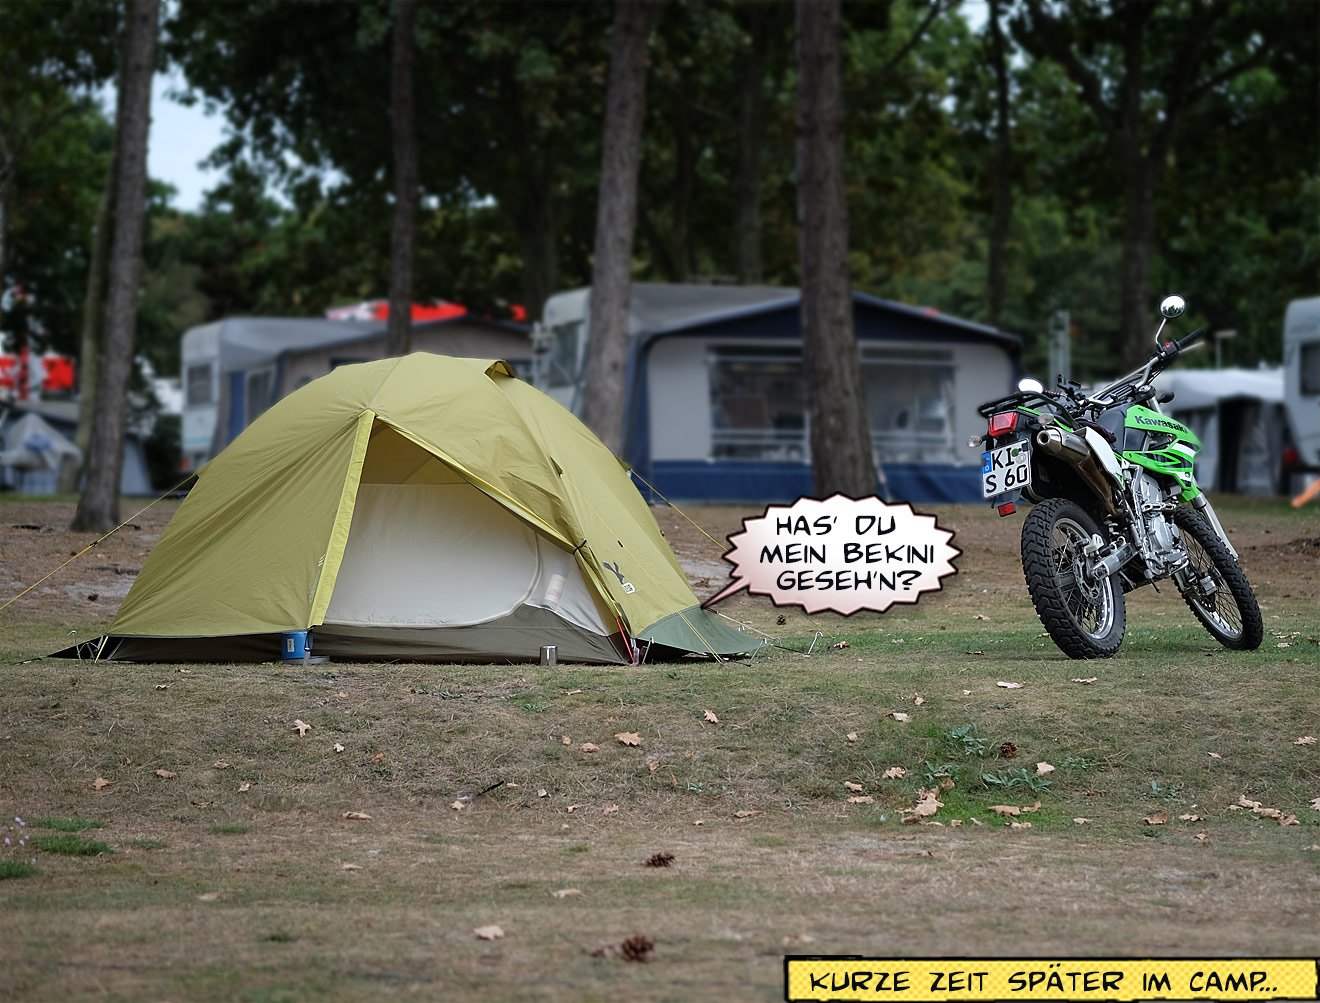 Zelt und Motorrad auf Campingplatz